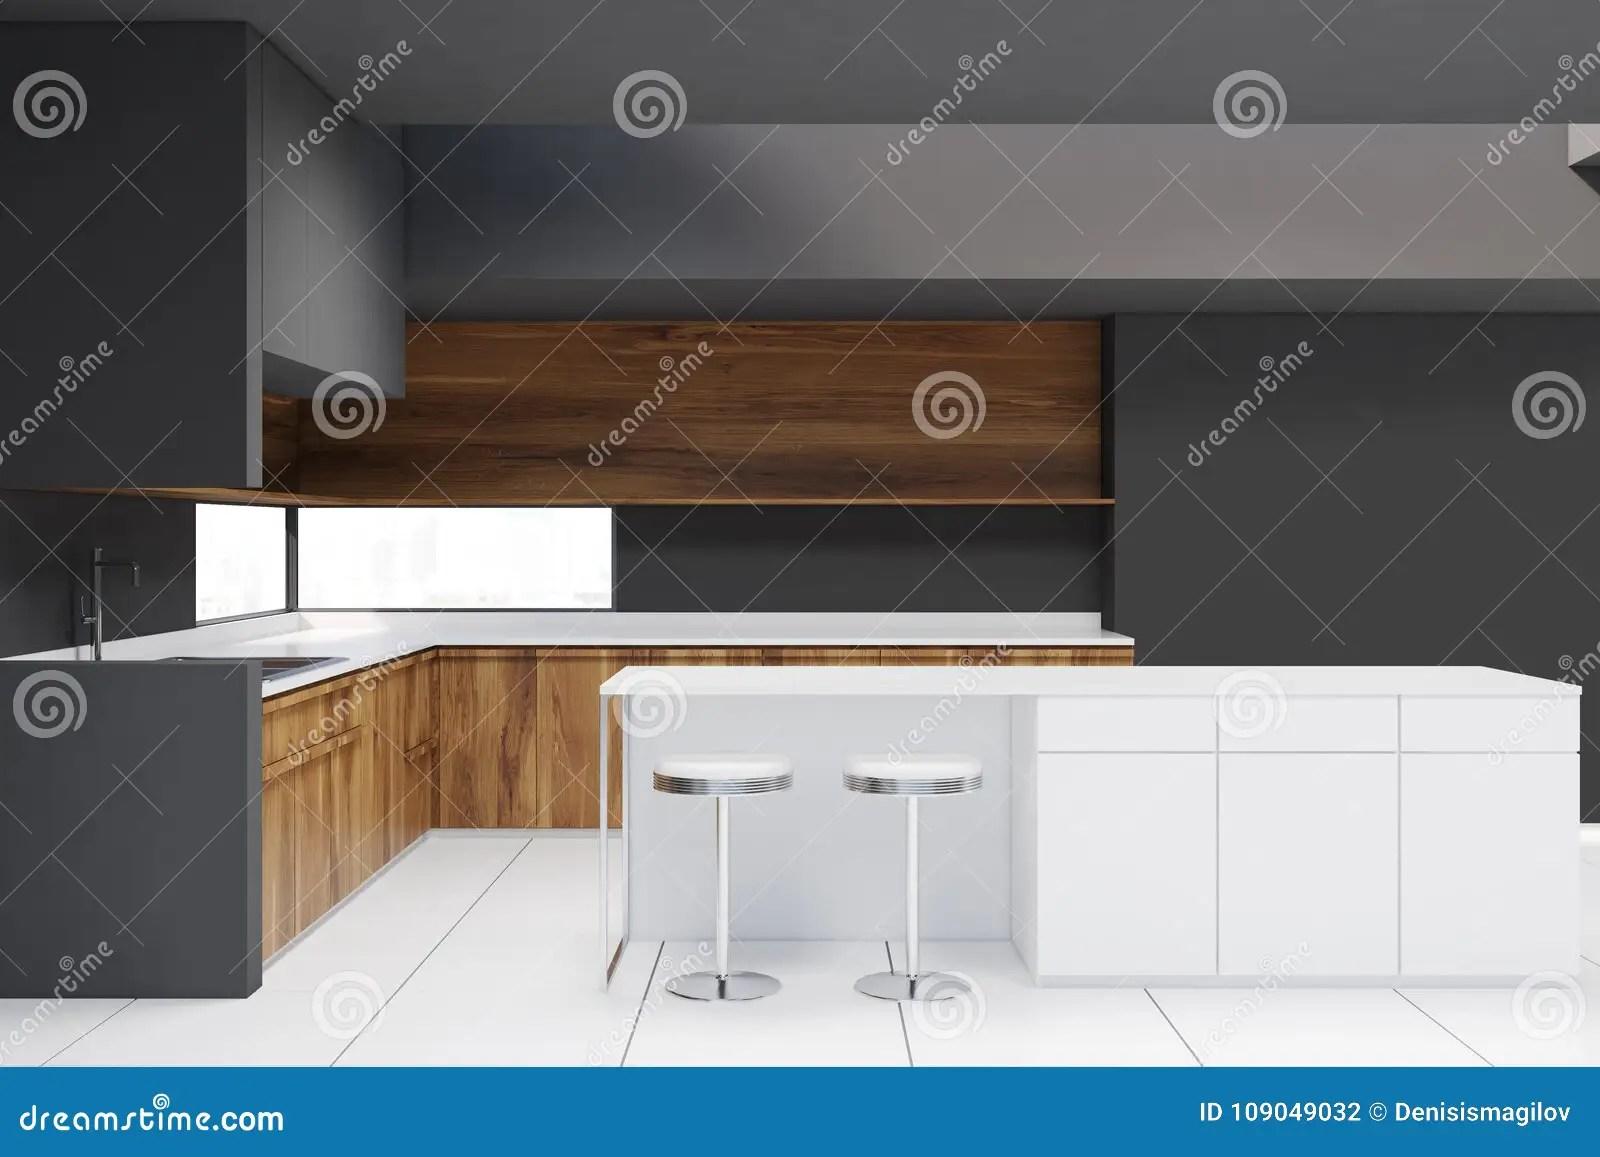 grey kitchen countertops counter height table and chairs 内部灰色的厨房 木工作台面 酒吧库存例证 插画包括有机柜 复制 消耗 与一个狭窄的窗口 木工作台面和白色铺磁砖的地板的灰色厨房内部与凳子的一个酒吧一张侧视图3d翻译嘲笑